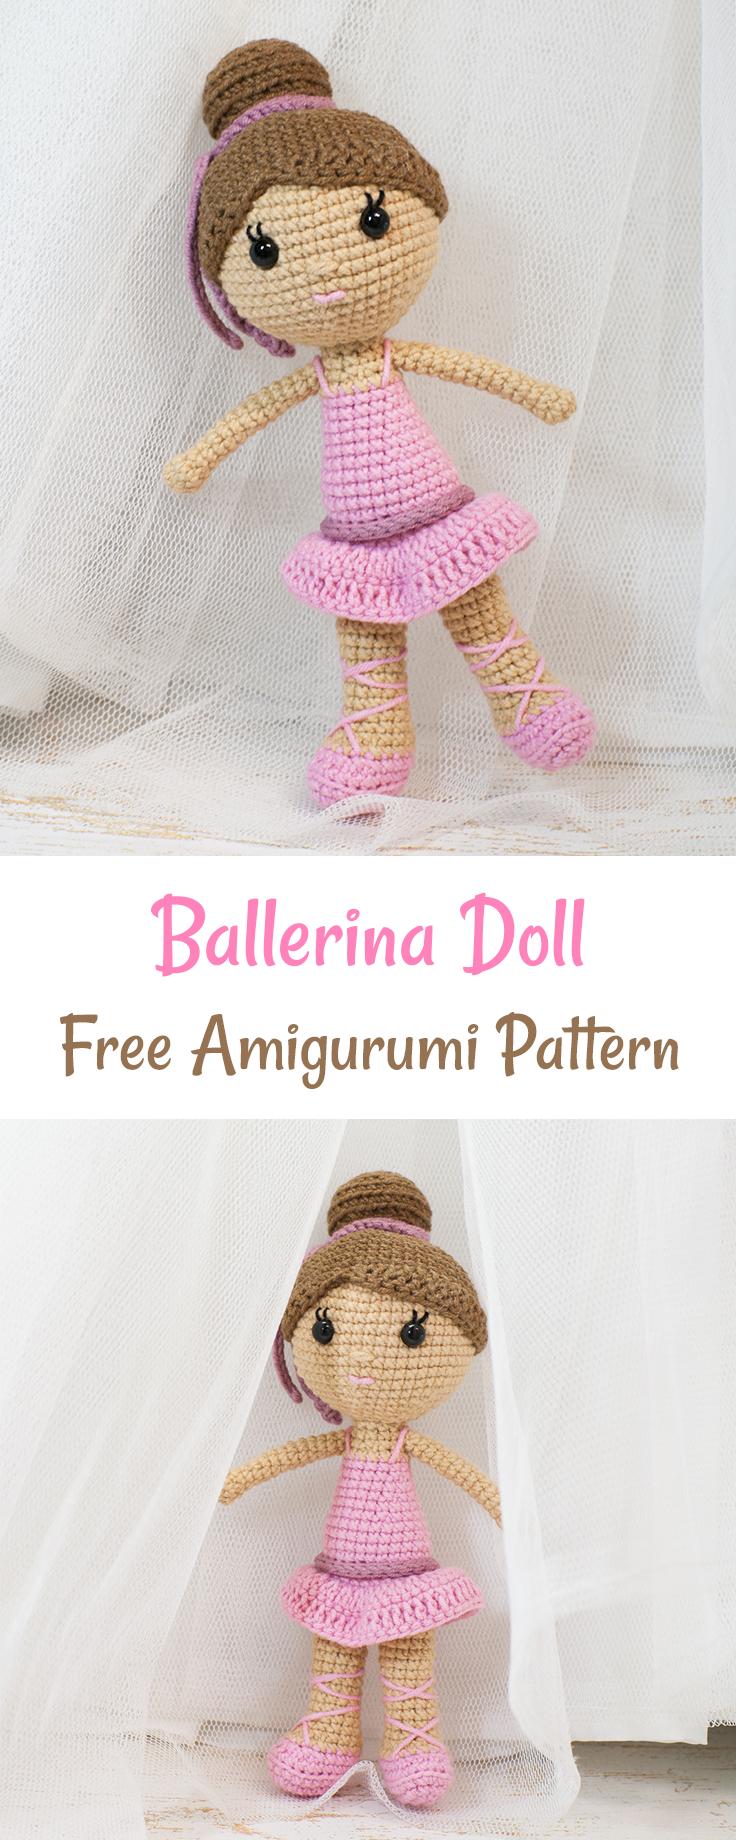 Ballerina doll amigurumi pattern | Muñecas, Ganchillo y Patrones ...